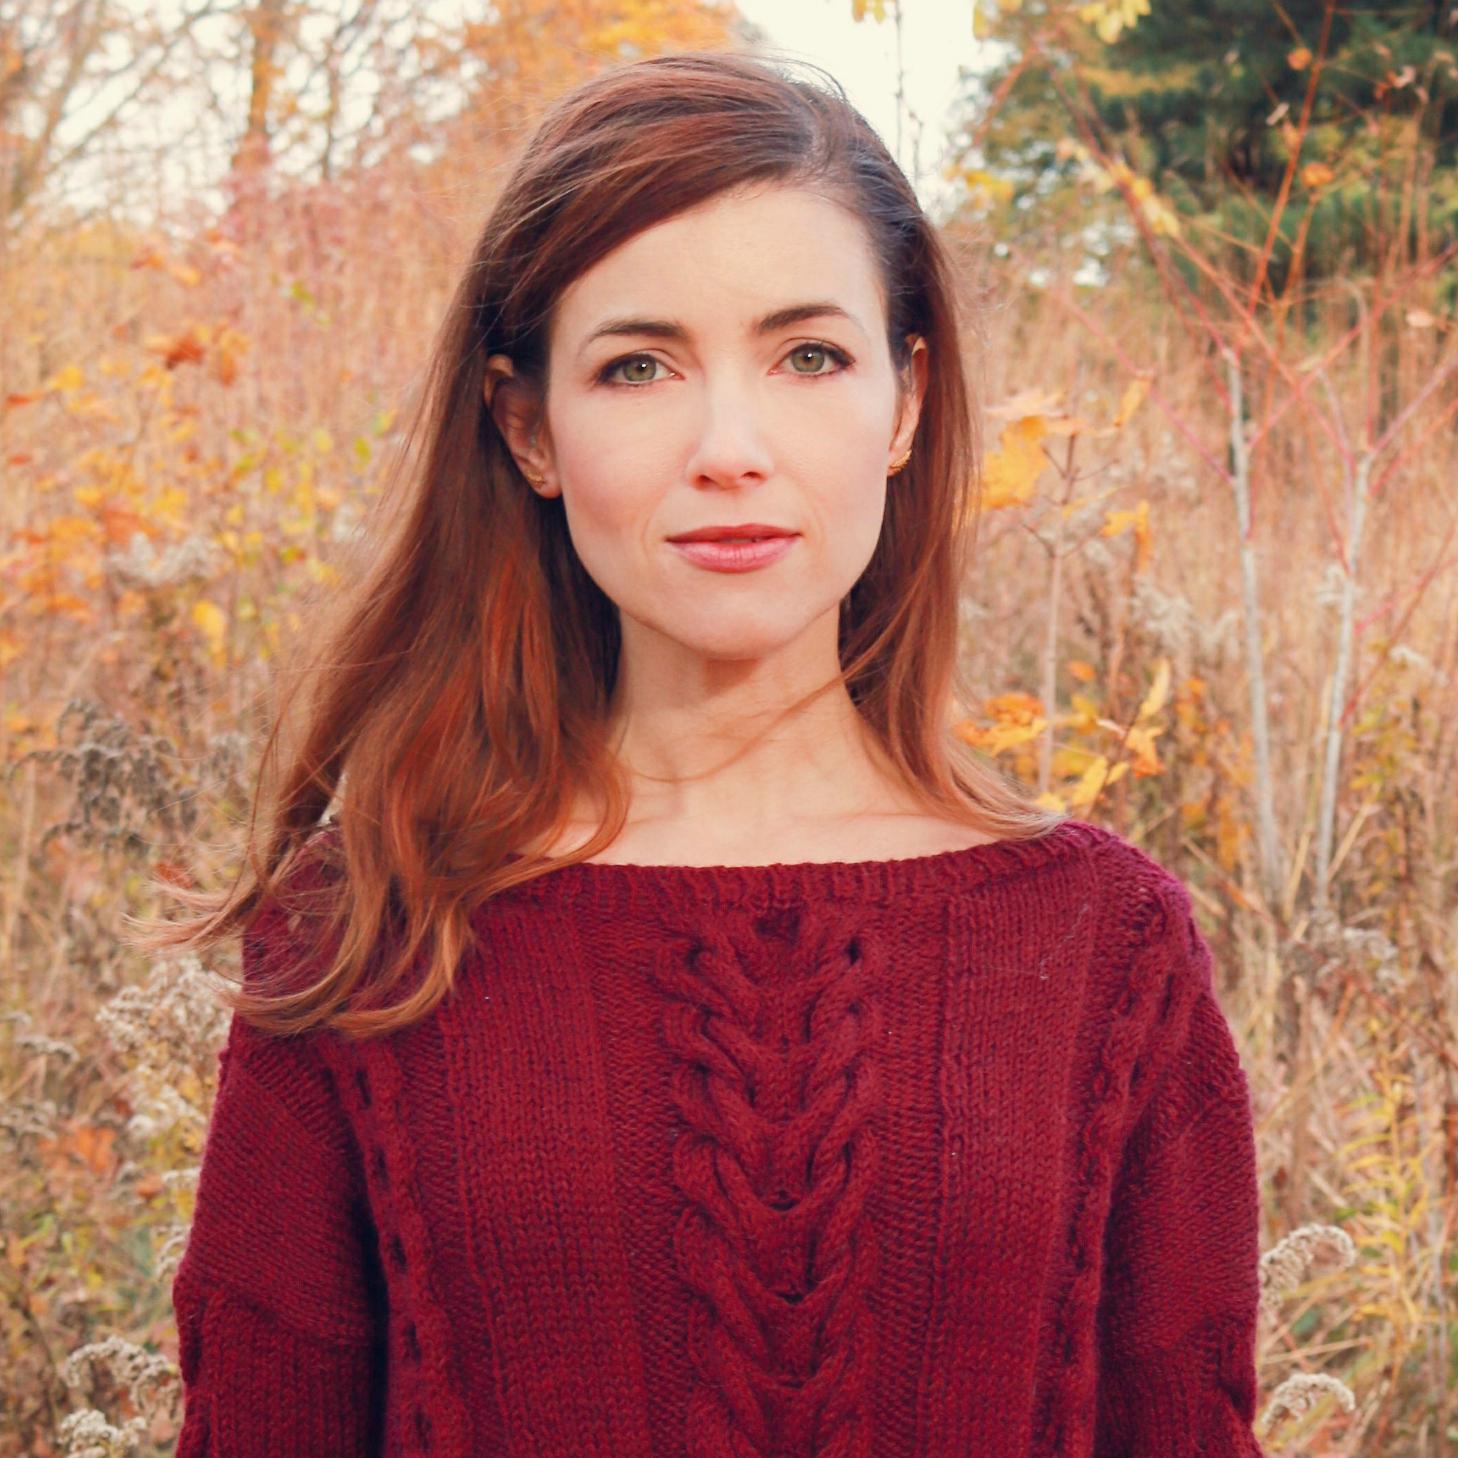 Amanda Zamprogna